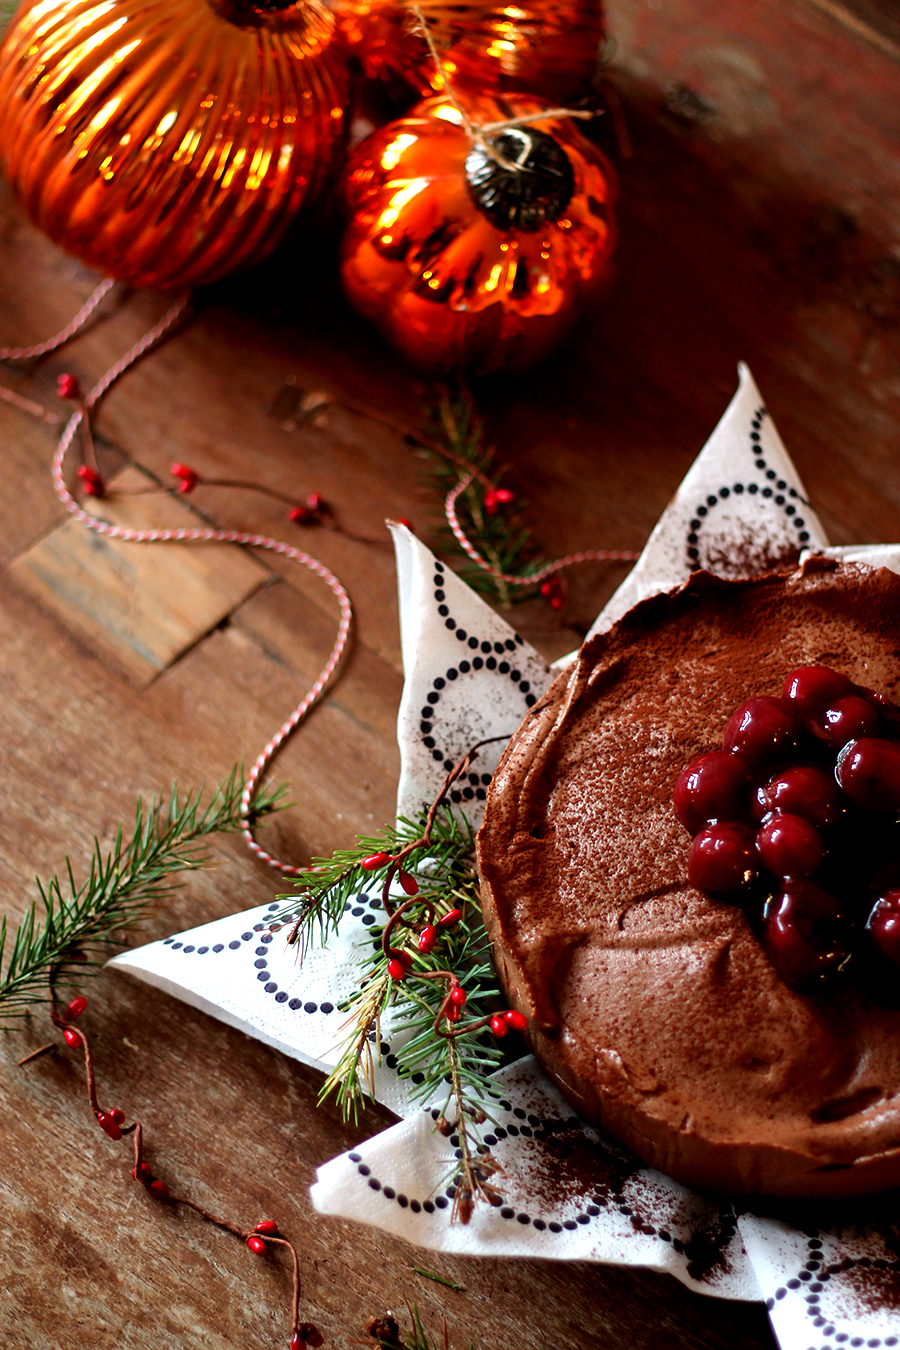 Kerstdessert, kerstoetje, Toetje met kerst, Chocoladetaart. Chocolade truffeltaart